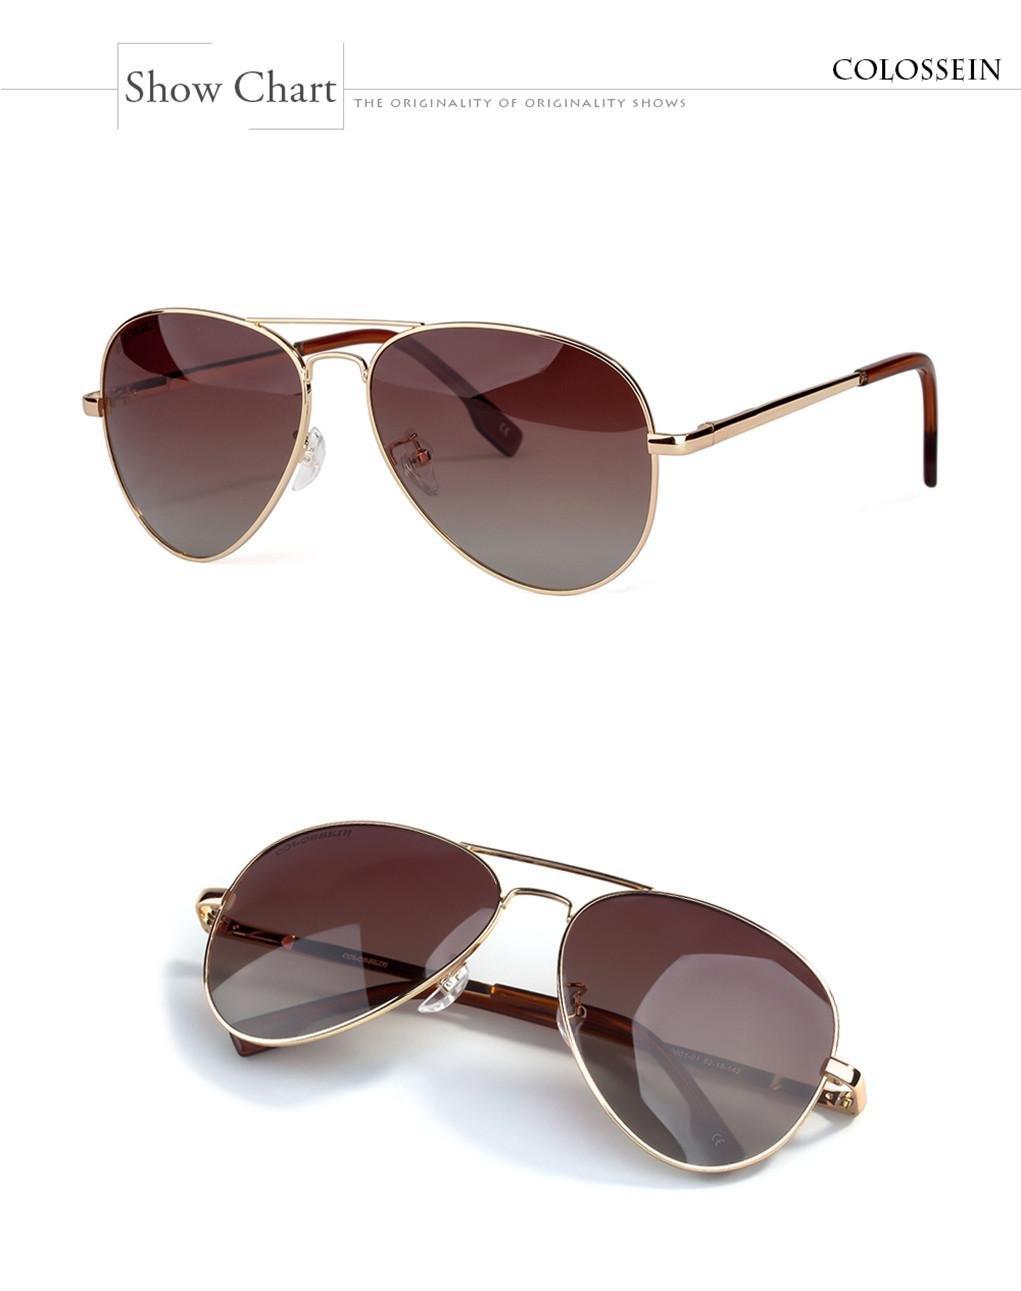 WANGMIN® Lunettes De Soleil Fashion Pilot Style Hommes Femmes Vintage Oval Lens Classic Brown Conduite Adulte Lunettes Lunettes , D